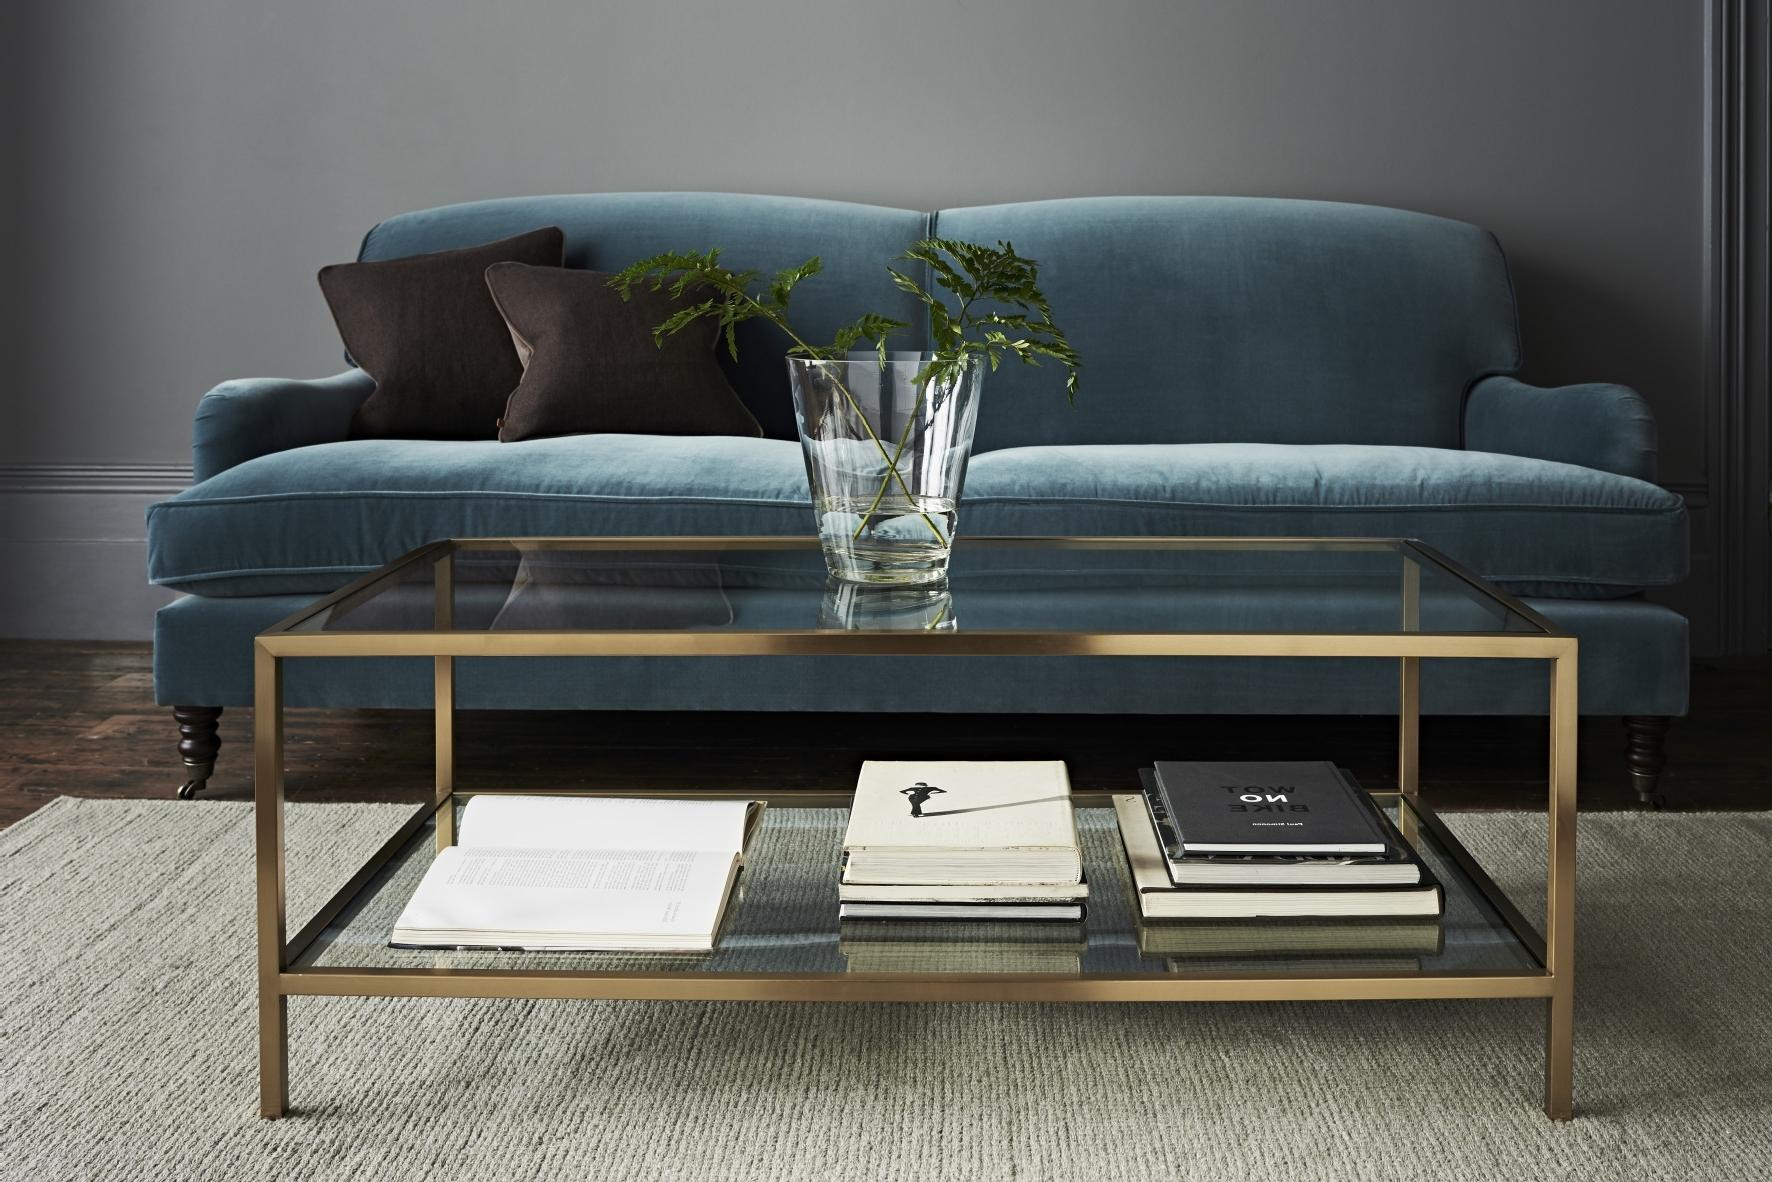 Velvet Sofas Inside Preferred Velvet Sofas: 7 Of The Latest Looks – The English Home (View 11 of 15)